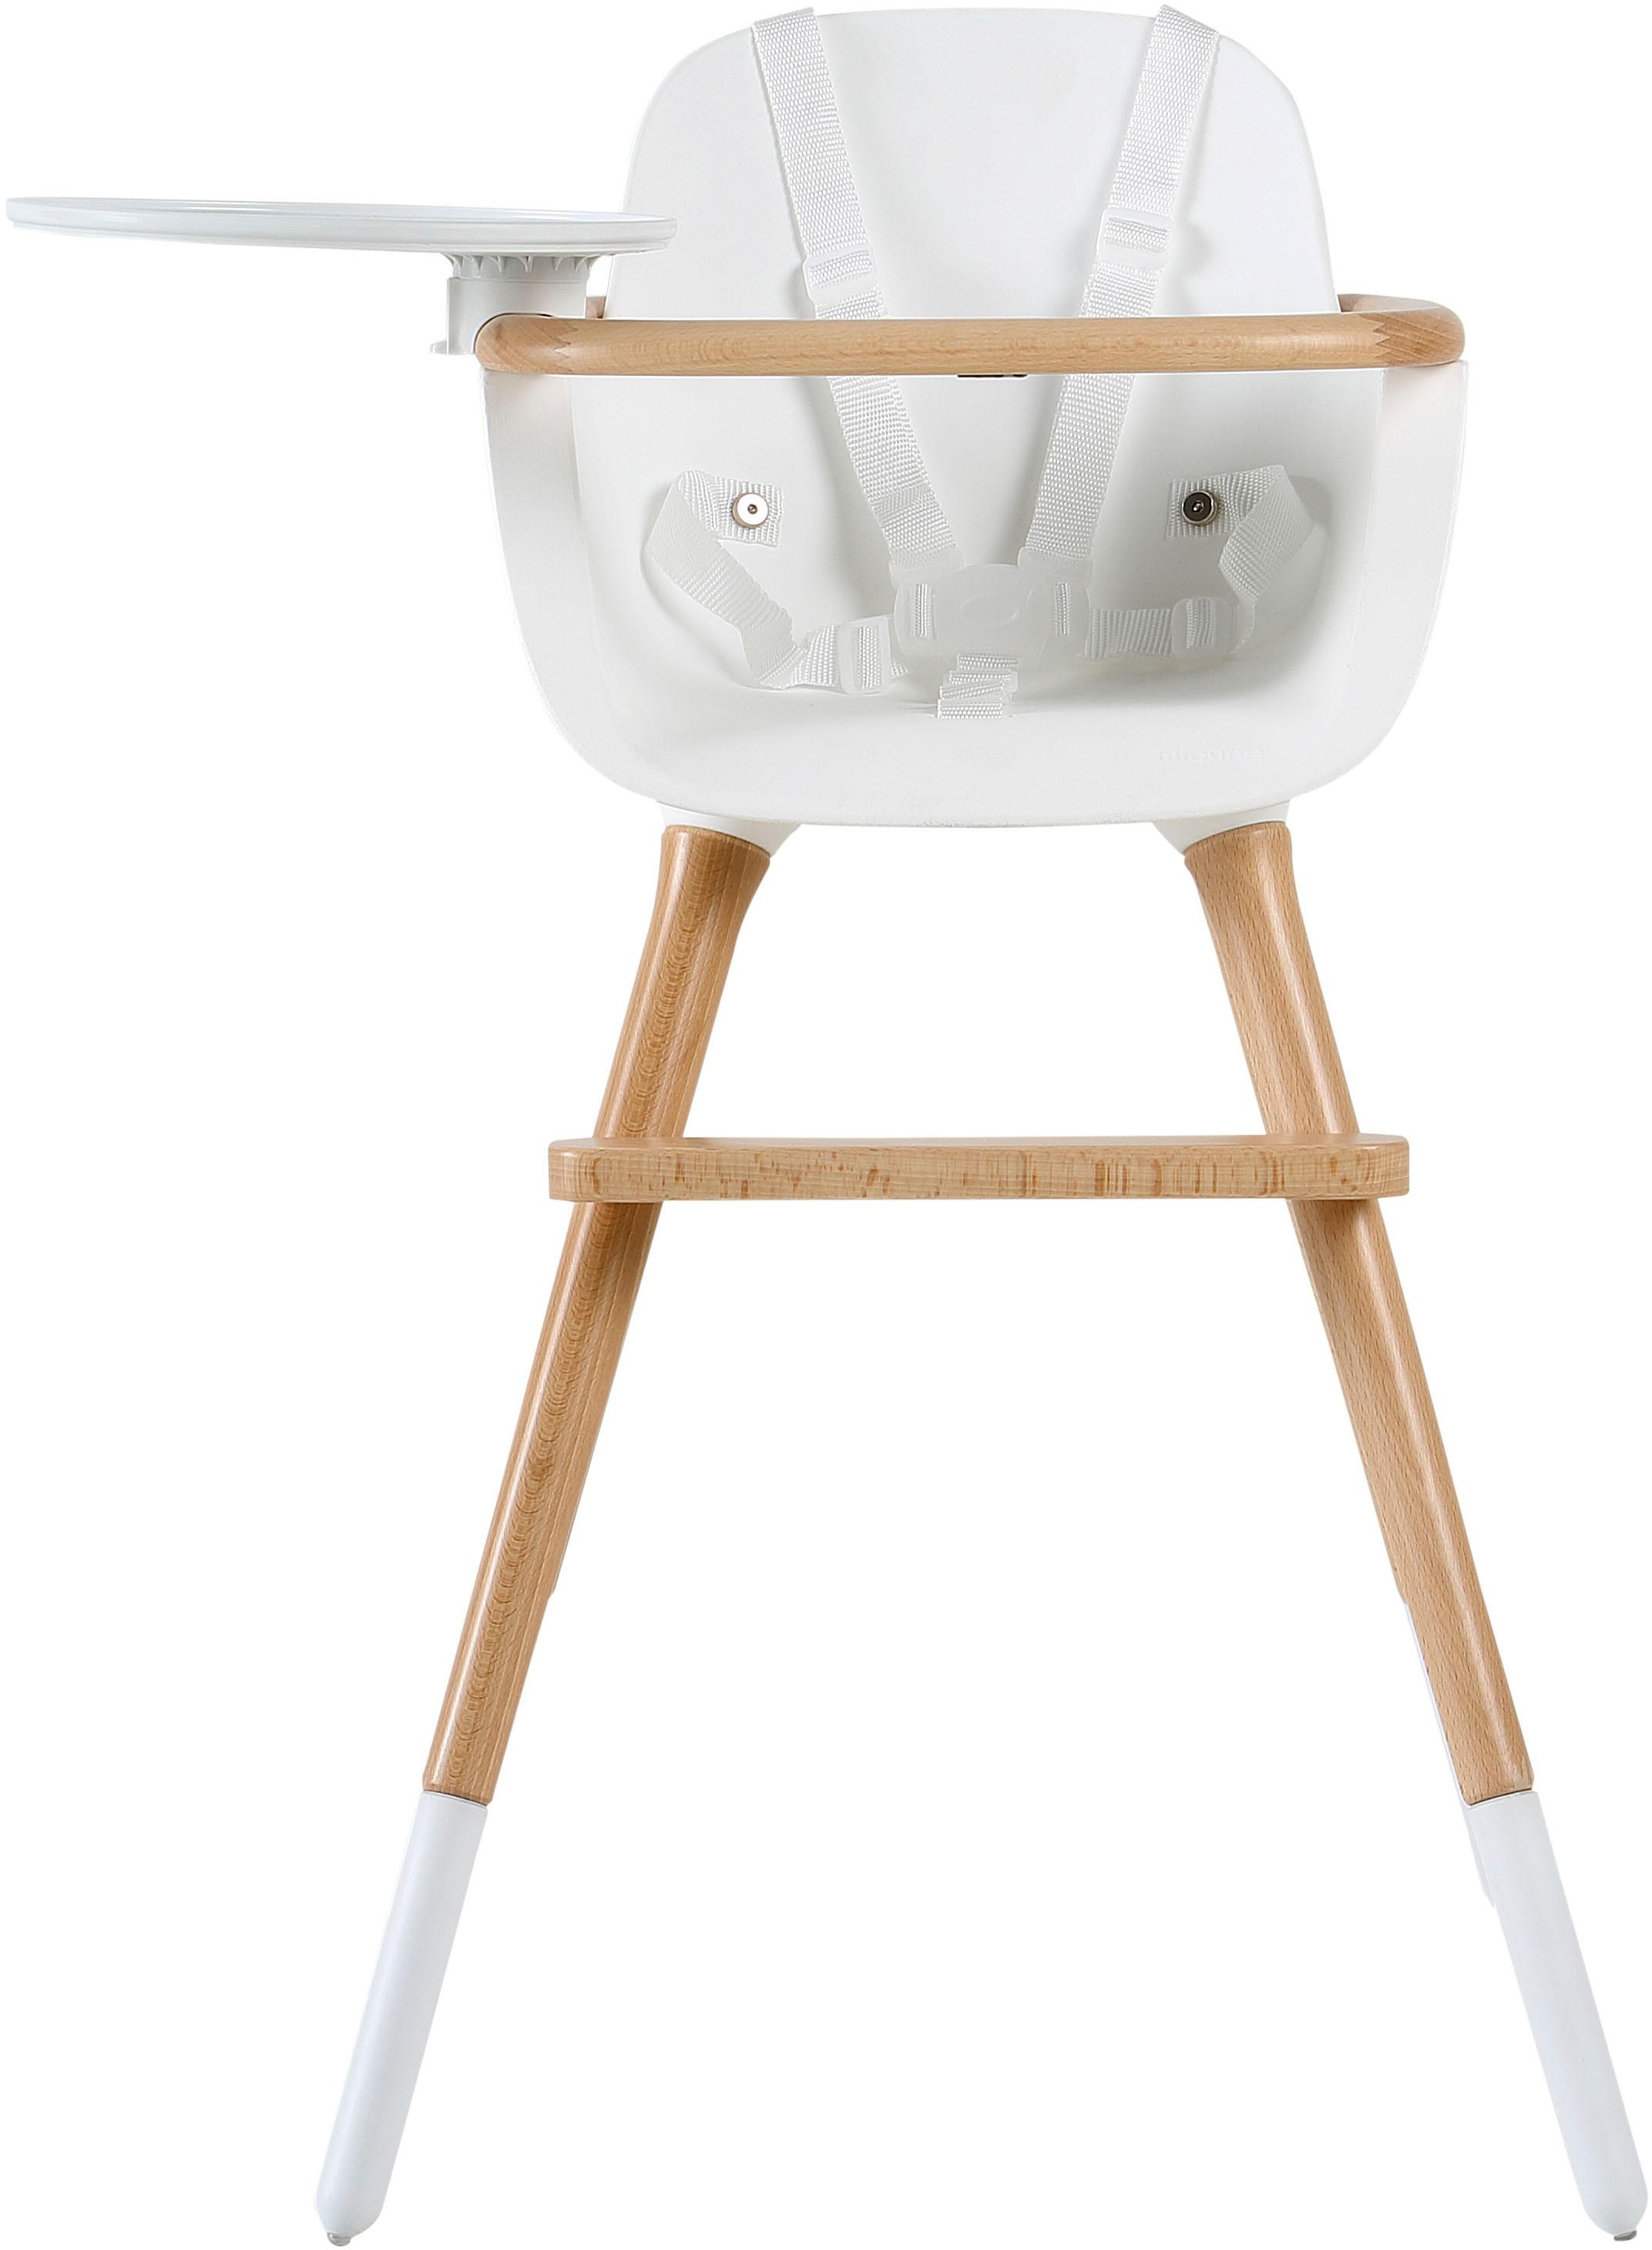 l gant bellemont transat de bain 0 6 mois blanc id es de bain de soleil. Black Bedroom Furniture Sets. Home Design Ideas